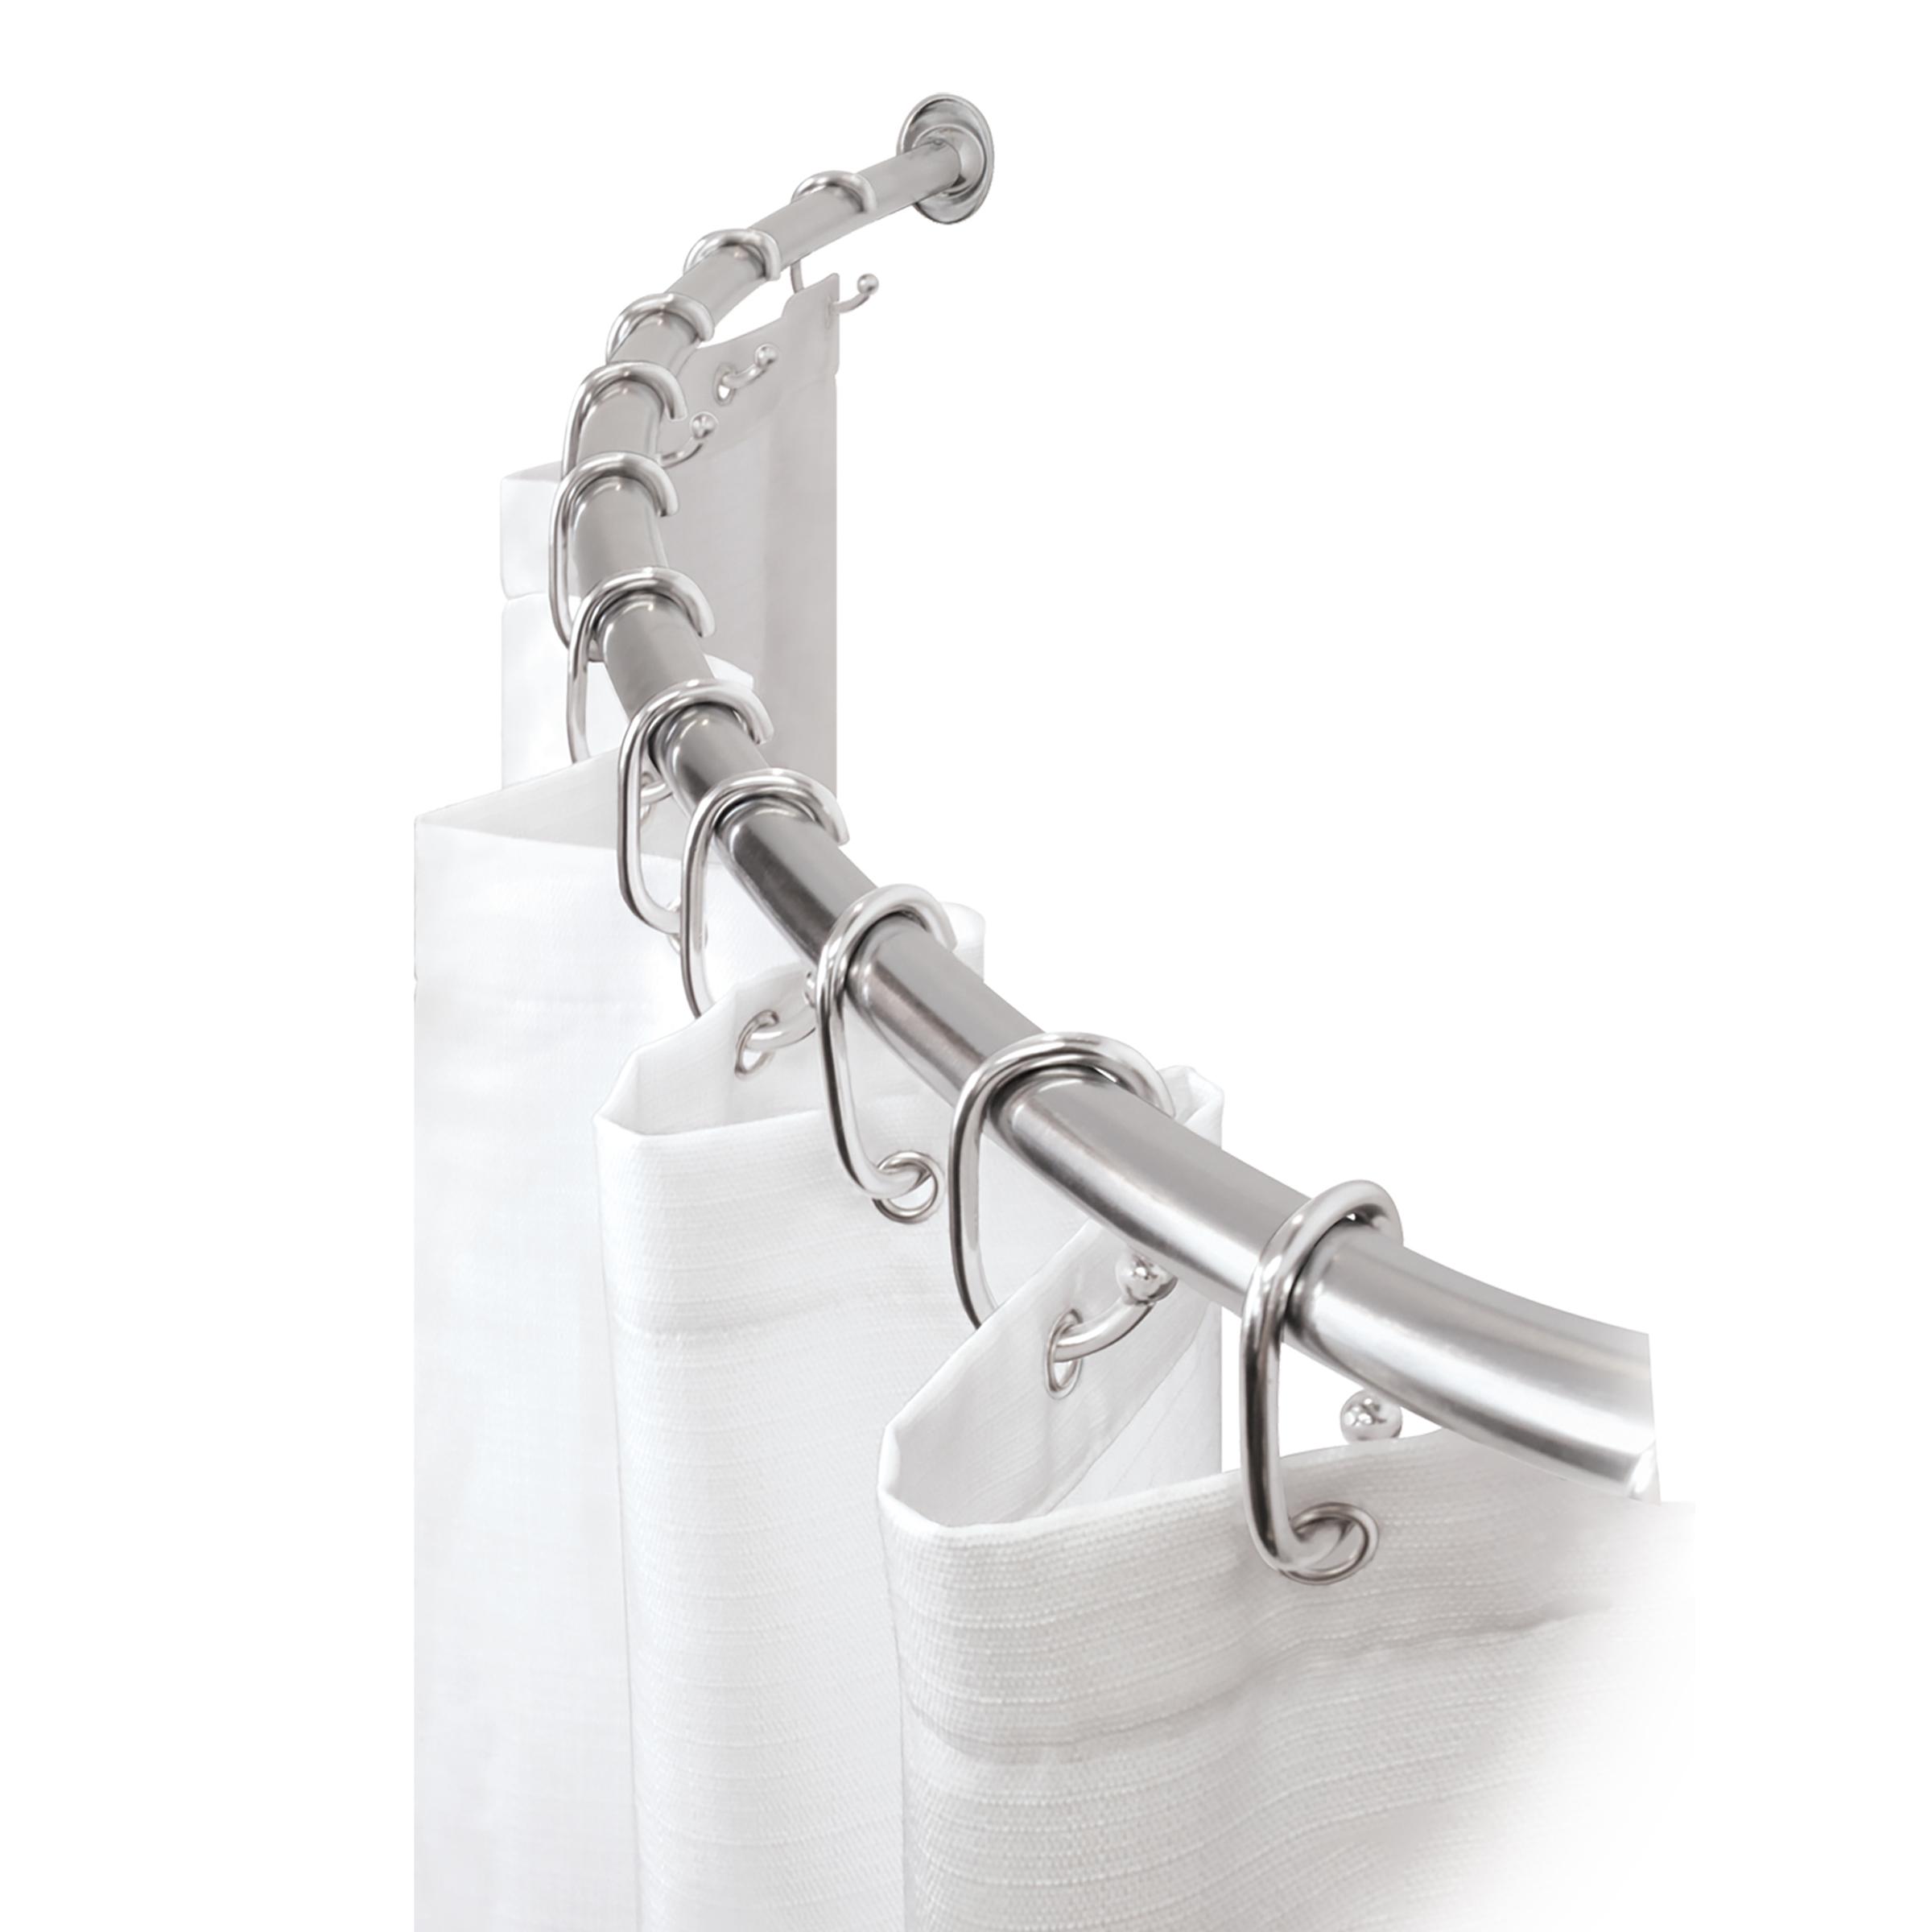 Tringles de douche - Découvrez ici notre large gamme de tringles à rideaux de douche.